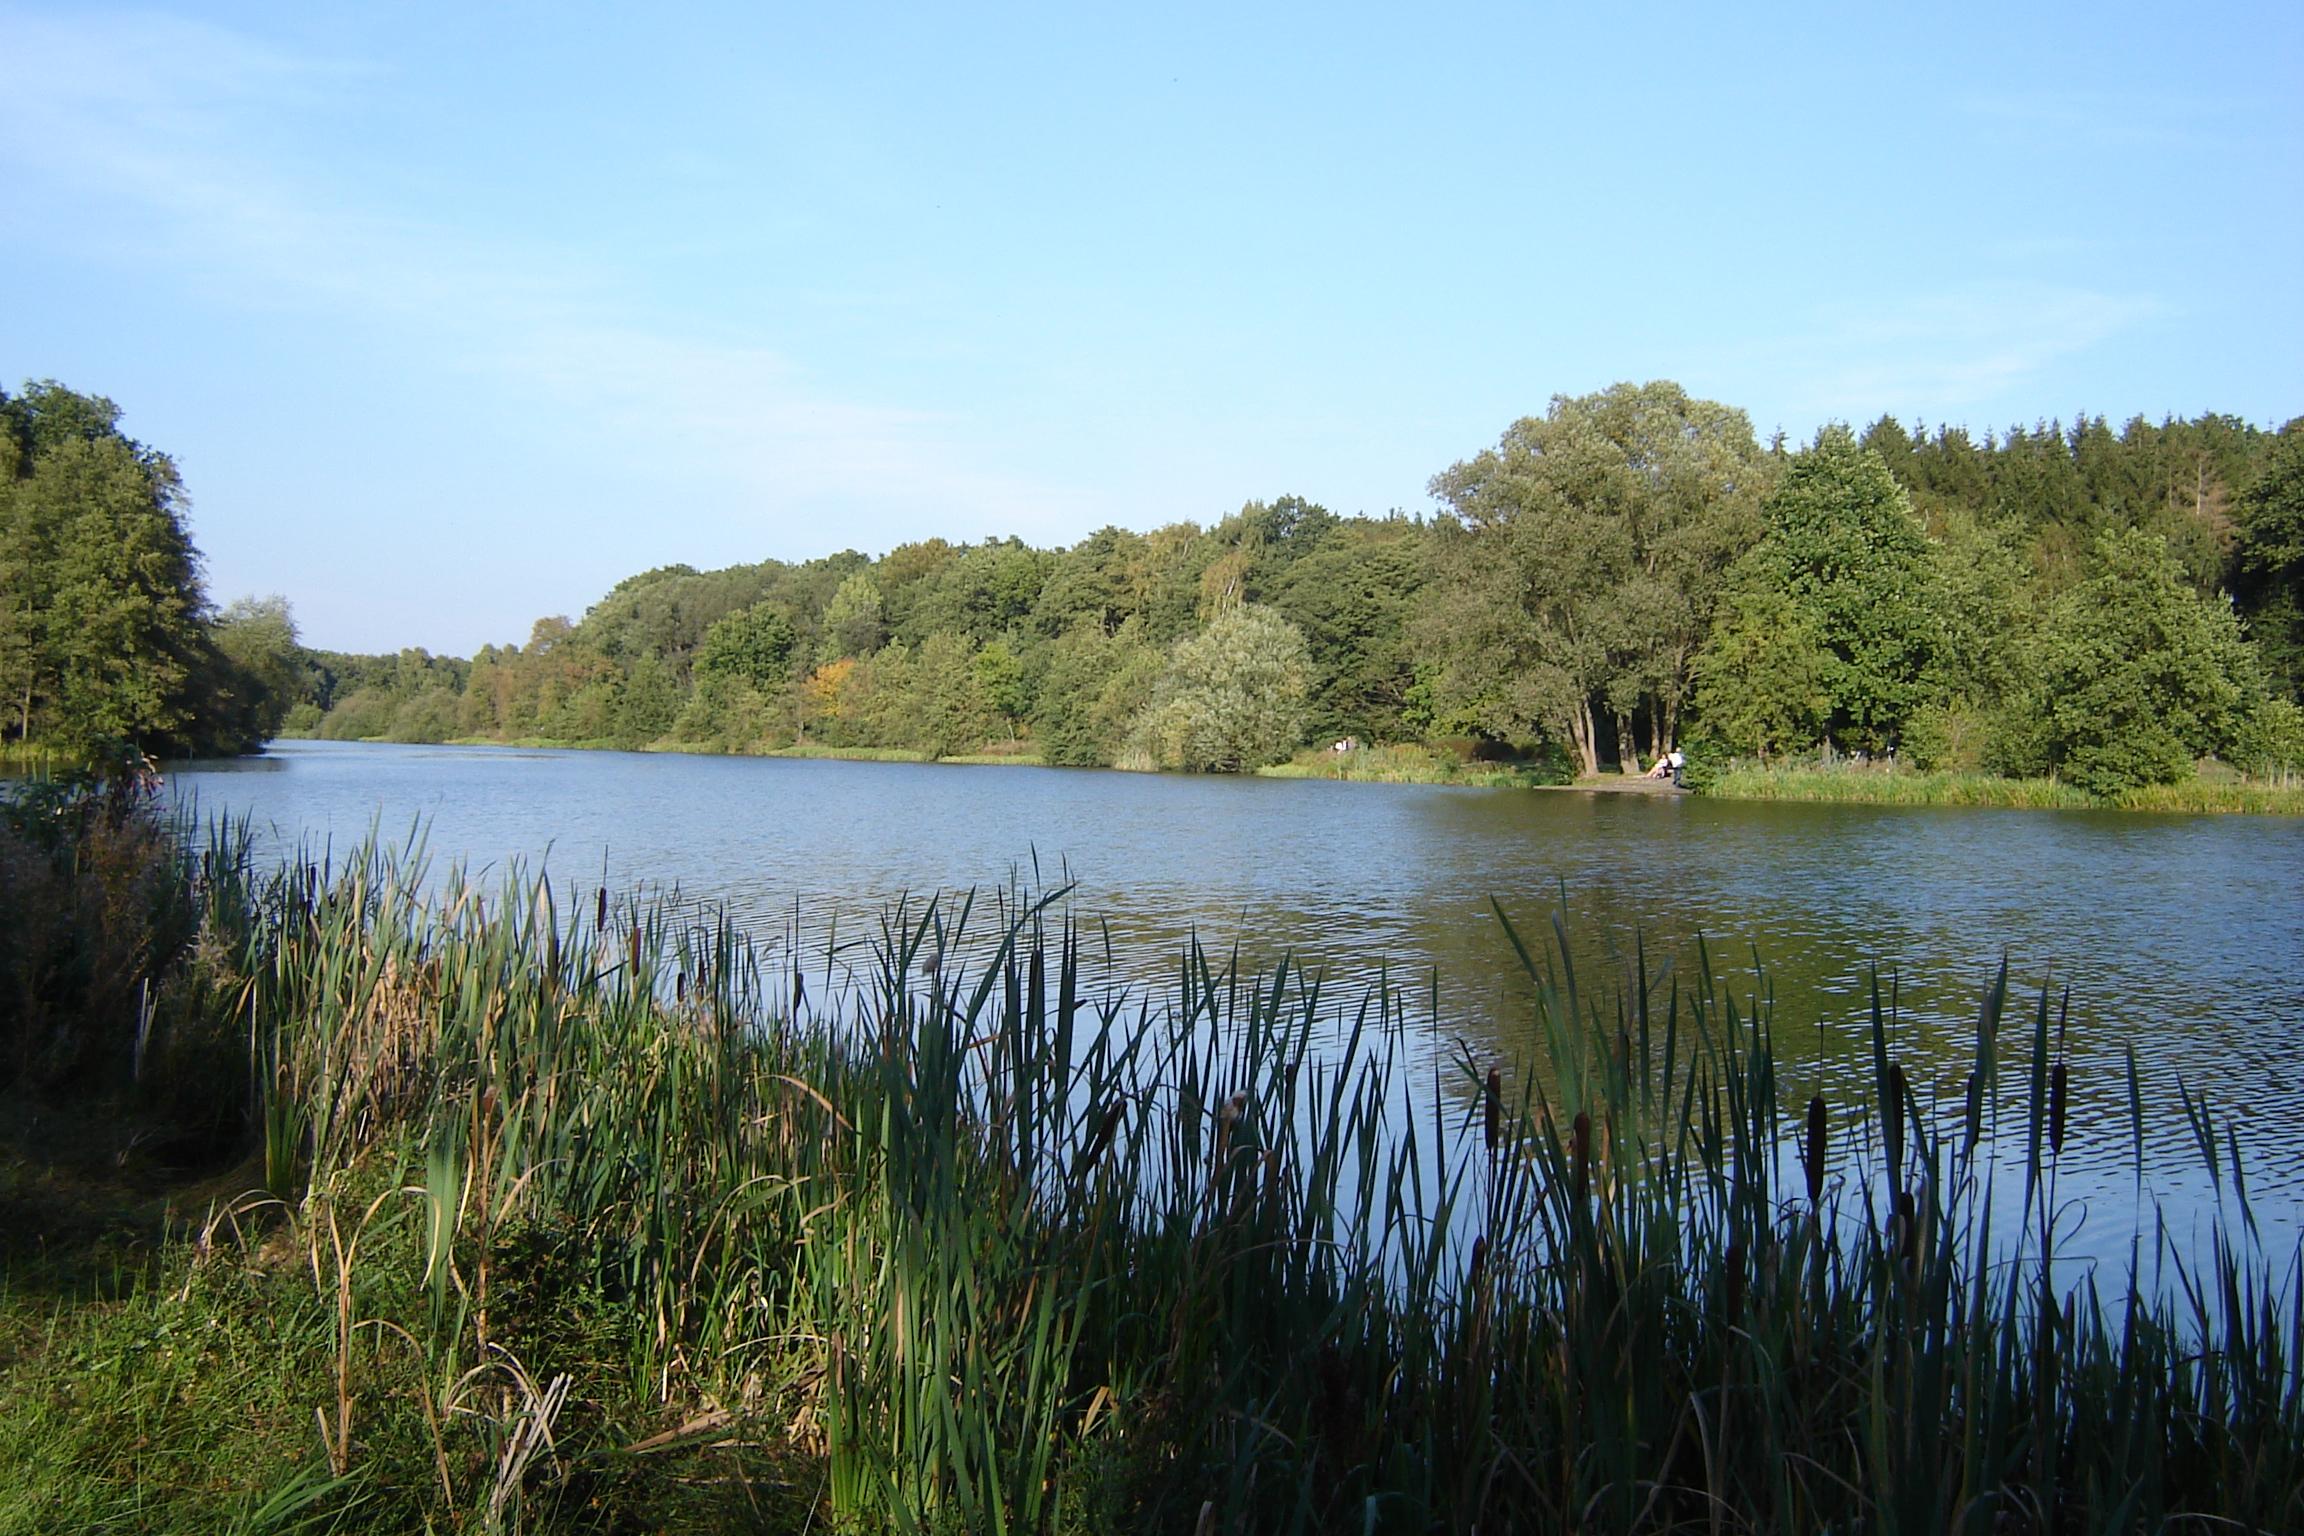 Heidesee in Müden an der Örtze, Lüneburger Heide - Quelle: WikiCommons